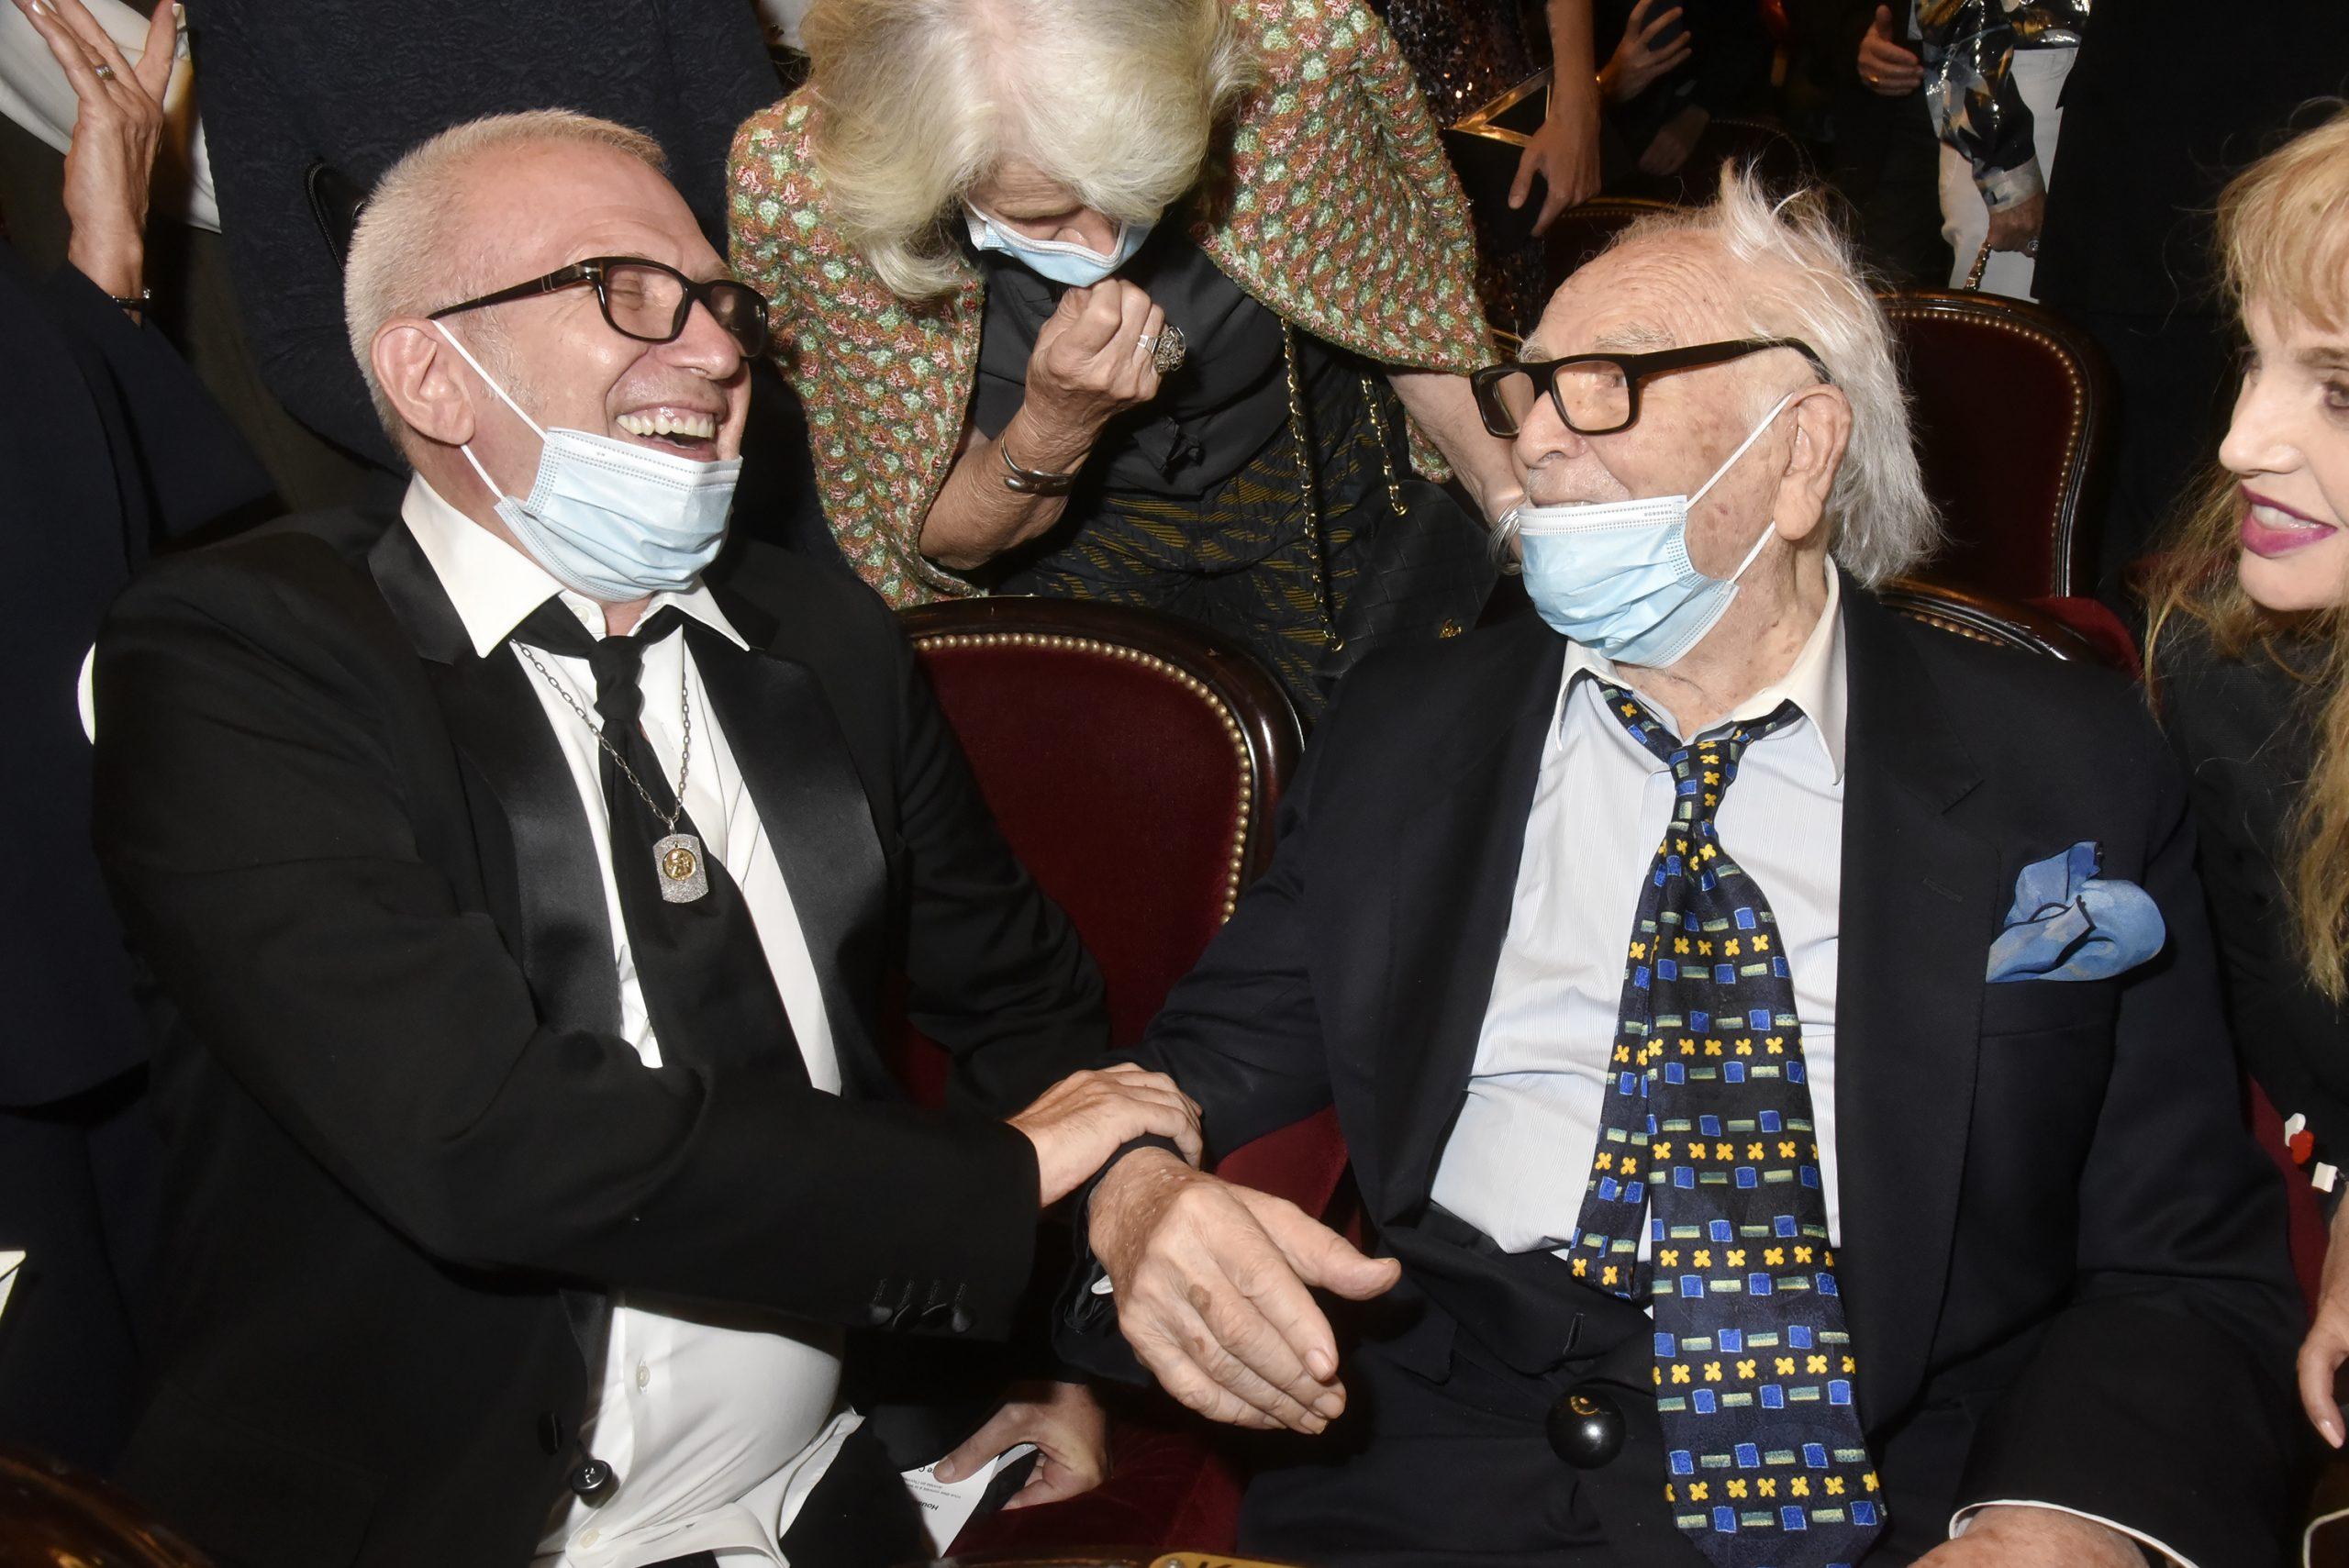 Пьер Карден, Жан-Поль Готье и Марис Гаспар на показе документального фильма «House of Cardin» в Театре Шаттле